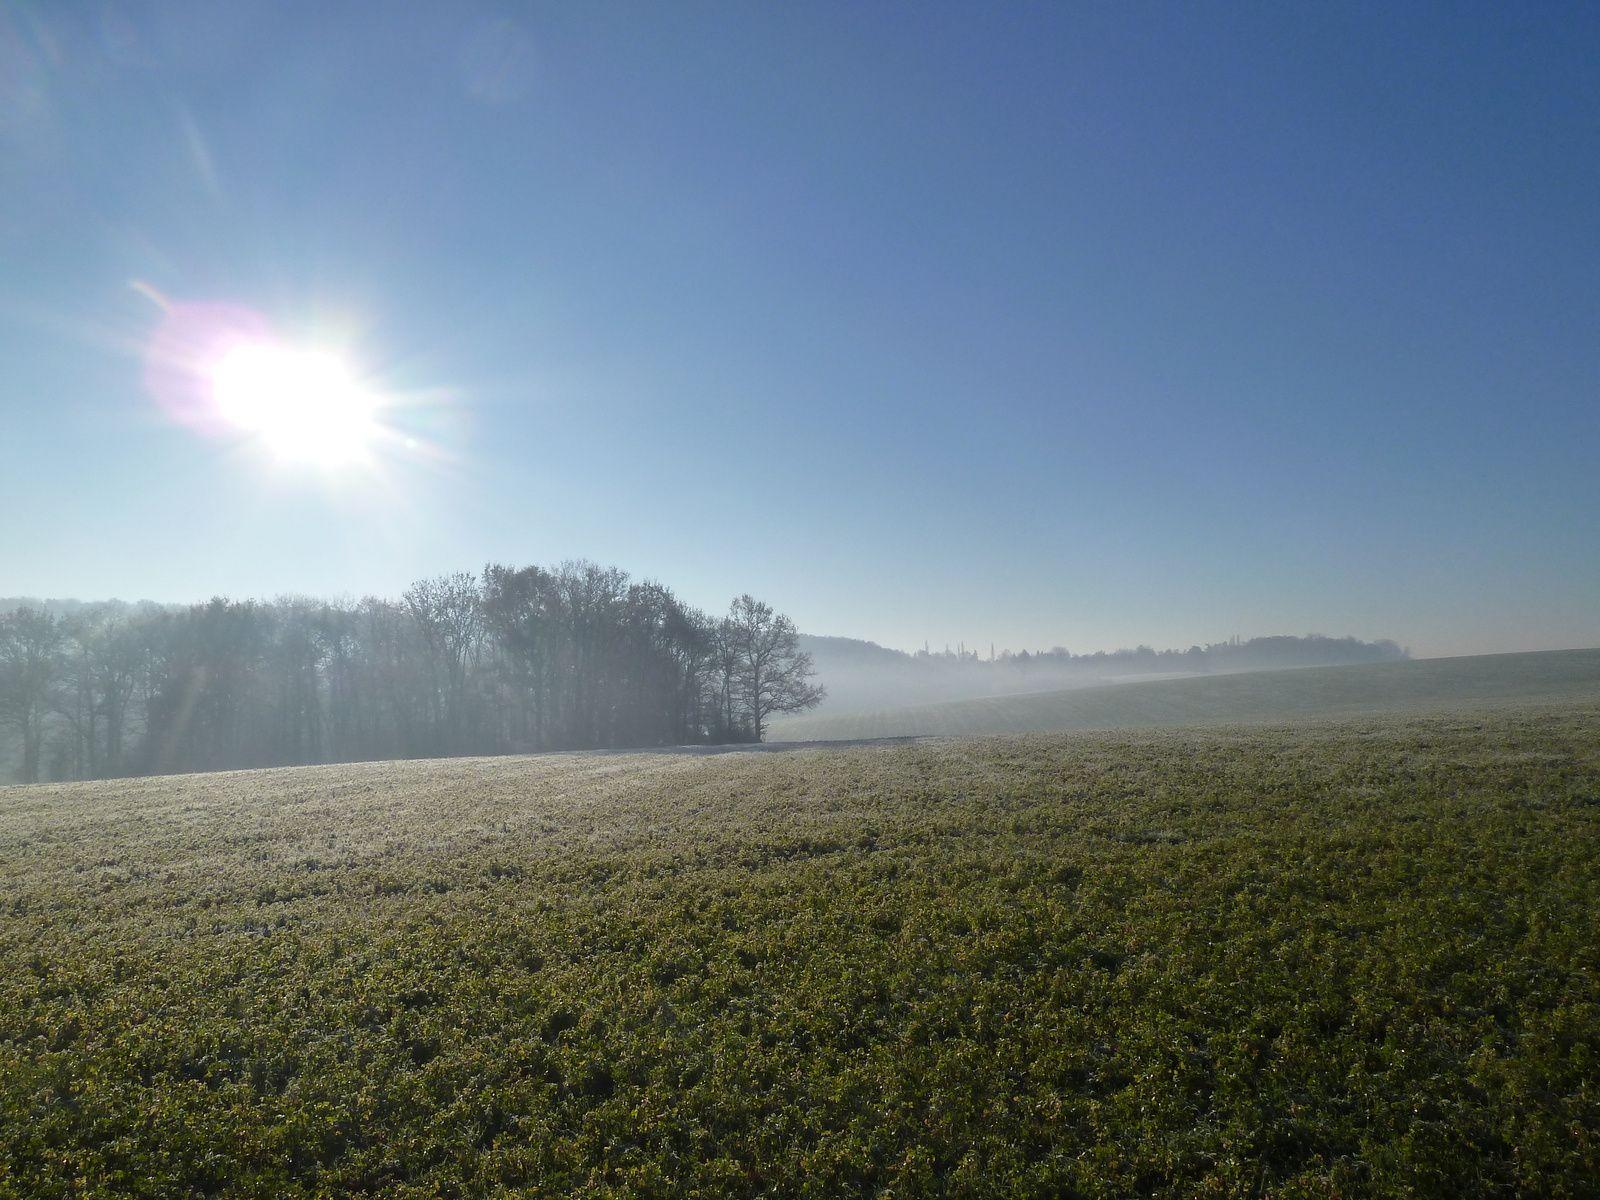 Le soleil fait sortir la brume qui monte lentement de la terre, c'est très beau.